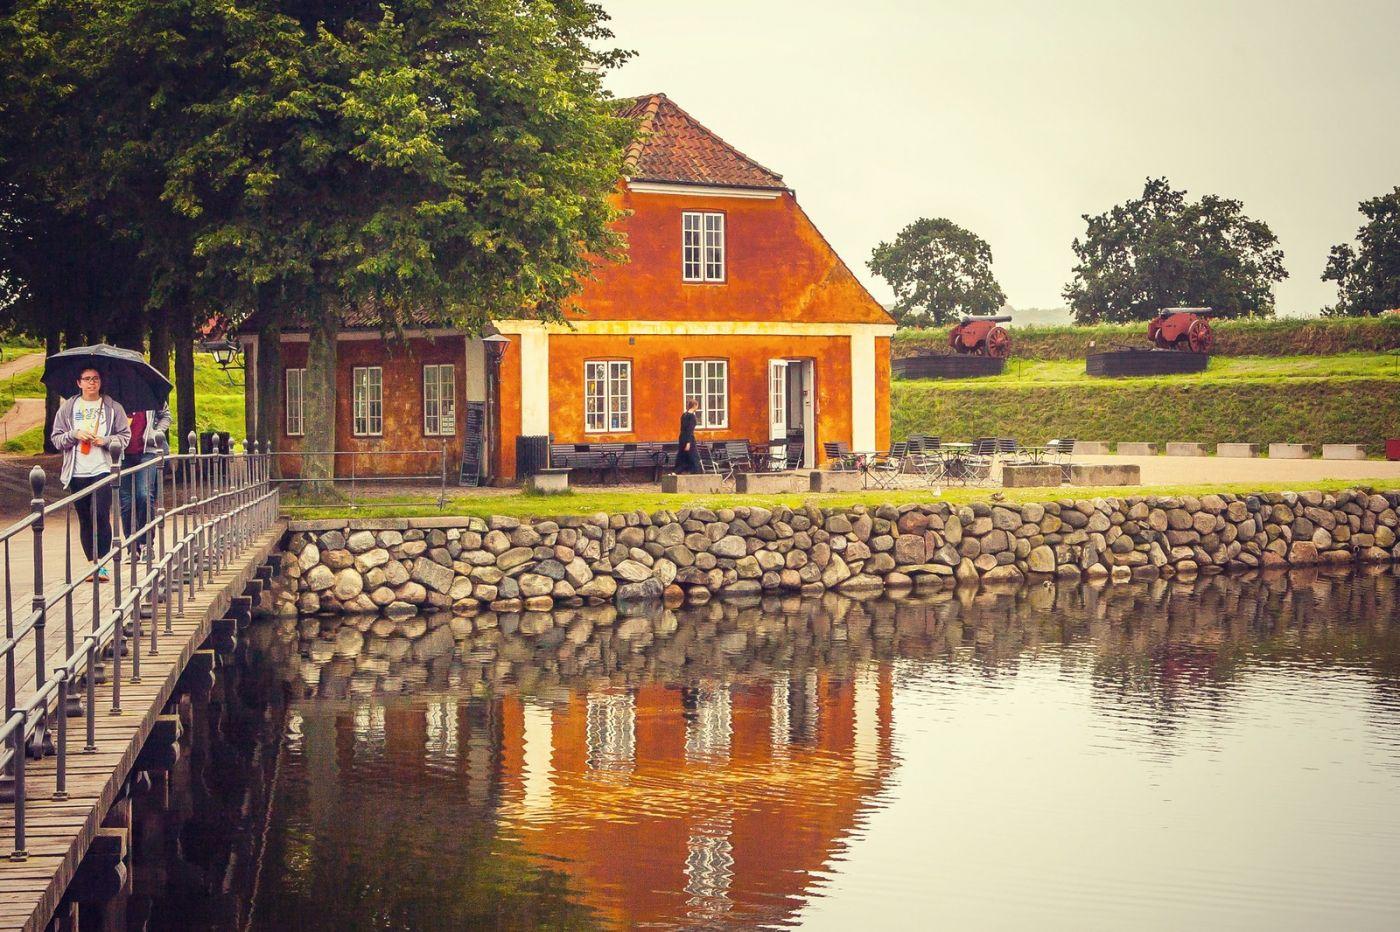 丹麦腓特烈堡城堡,当年的风采_图1-3